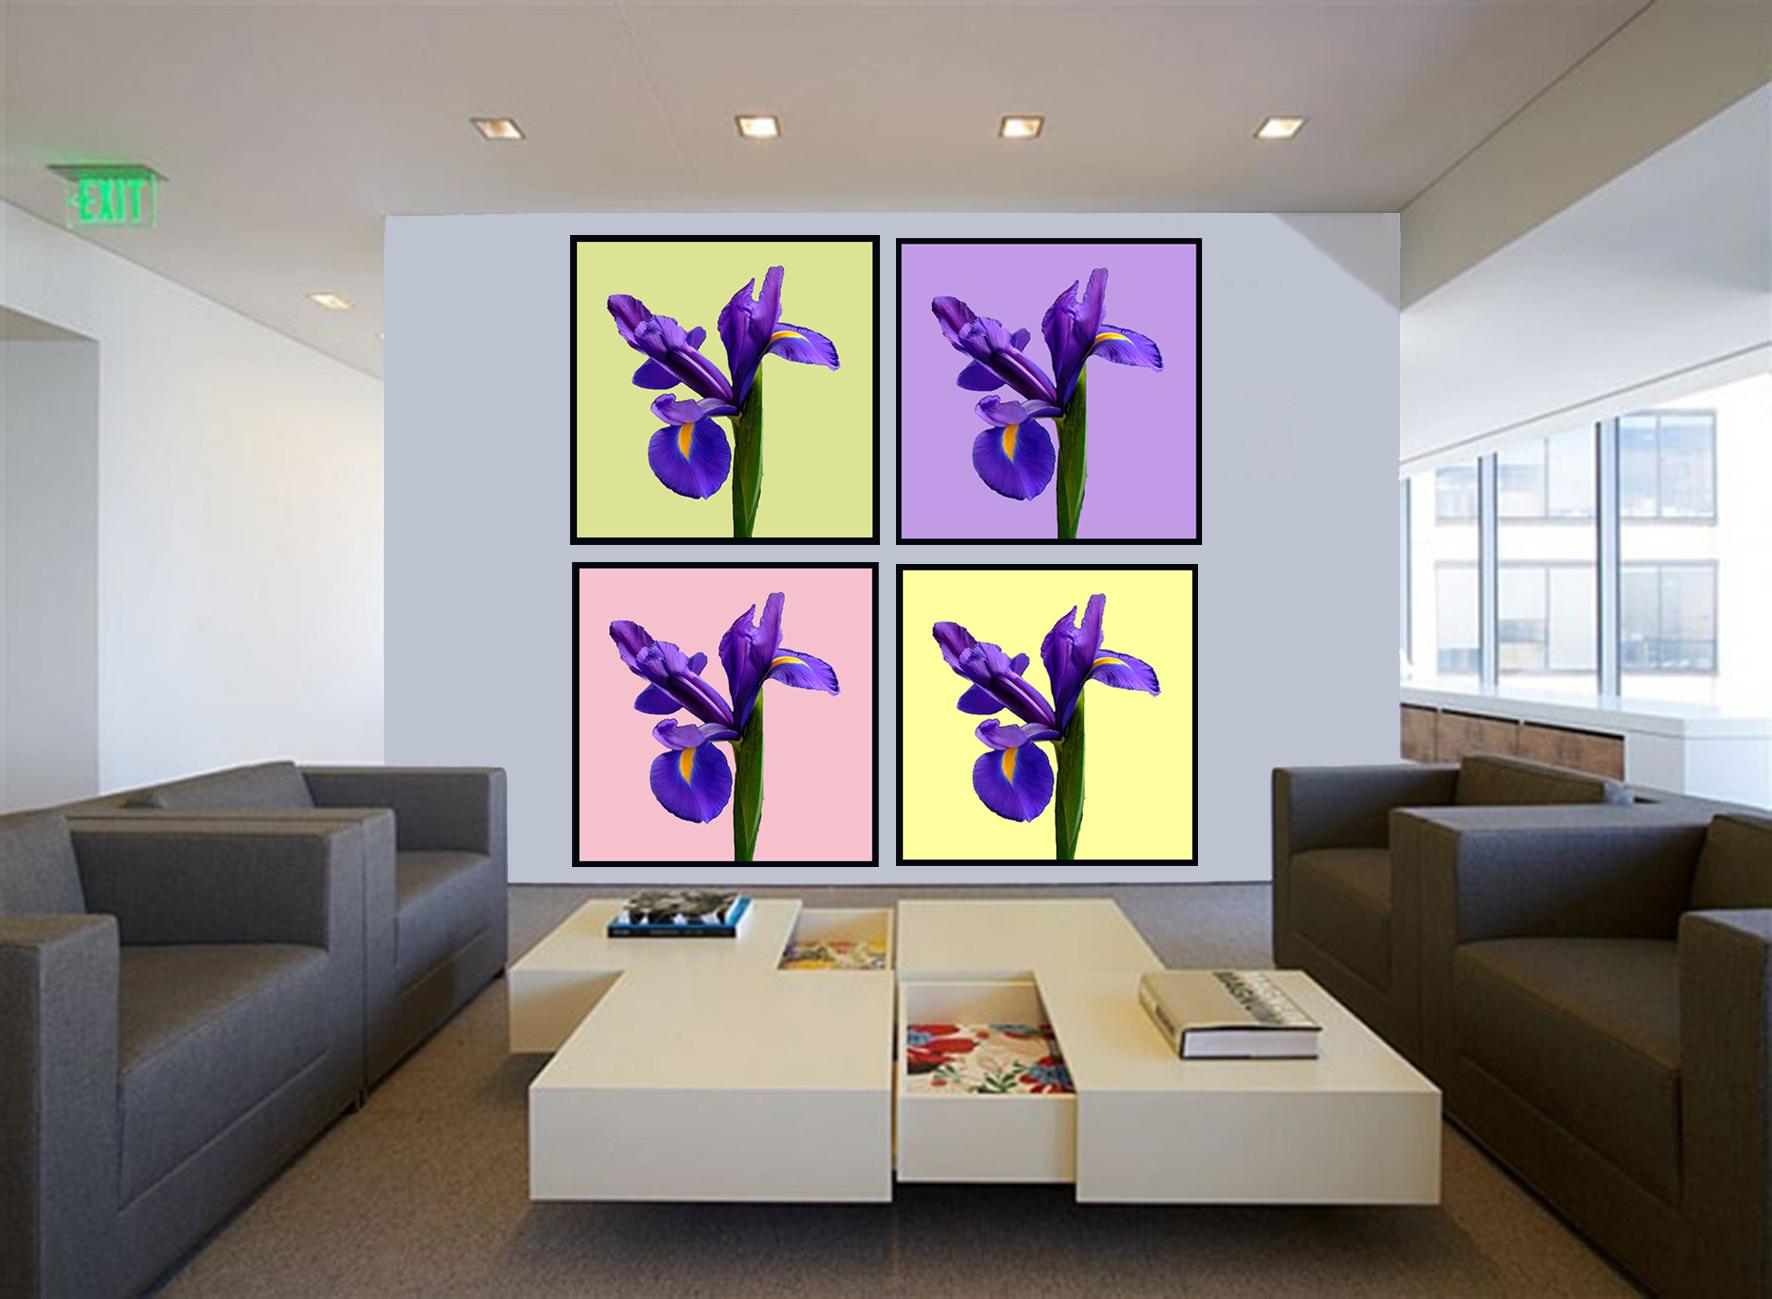 8 Stue med 4 Blomsterbilleder  AKUPRINT